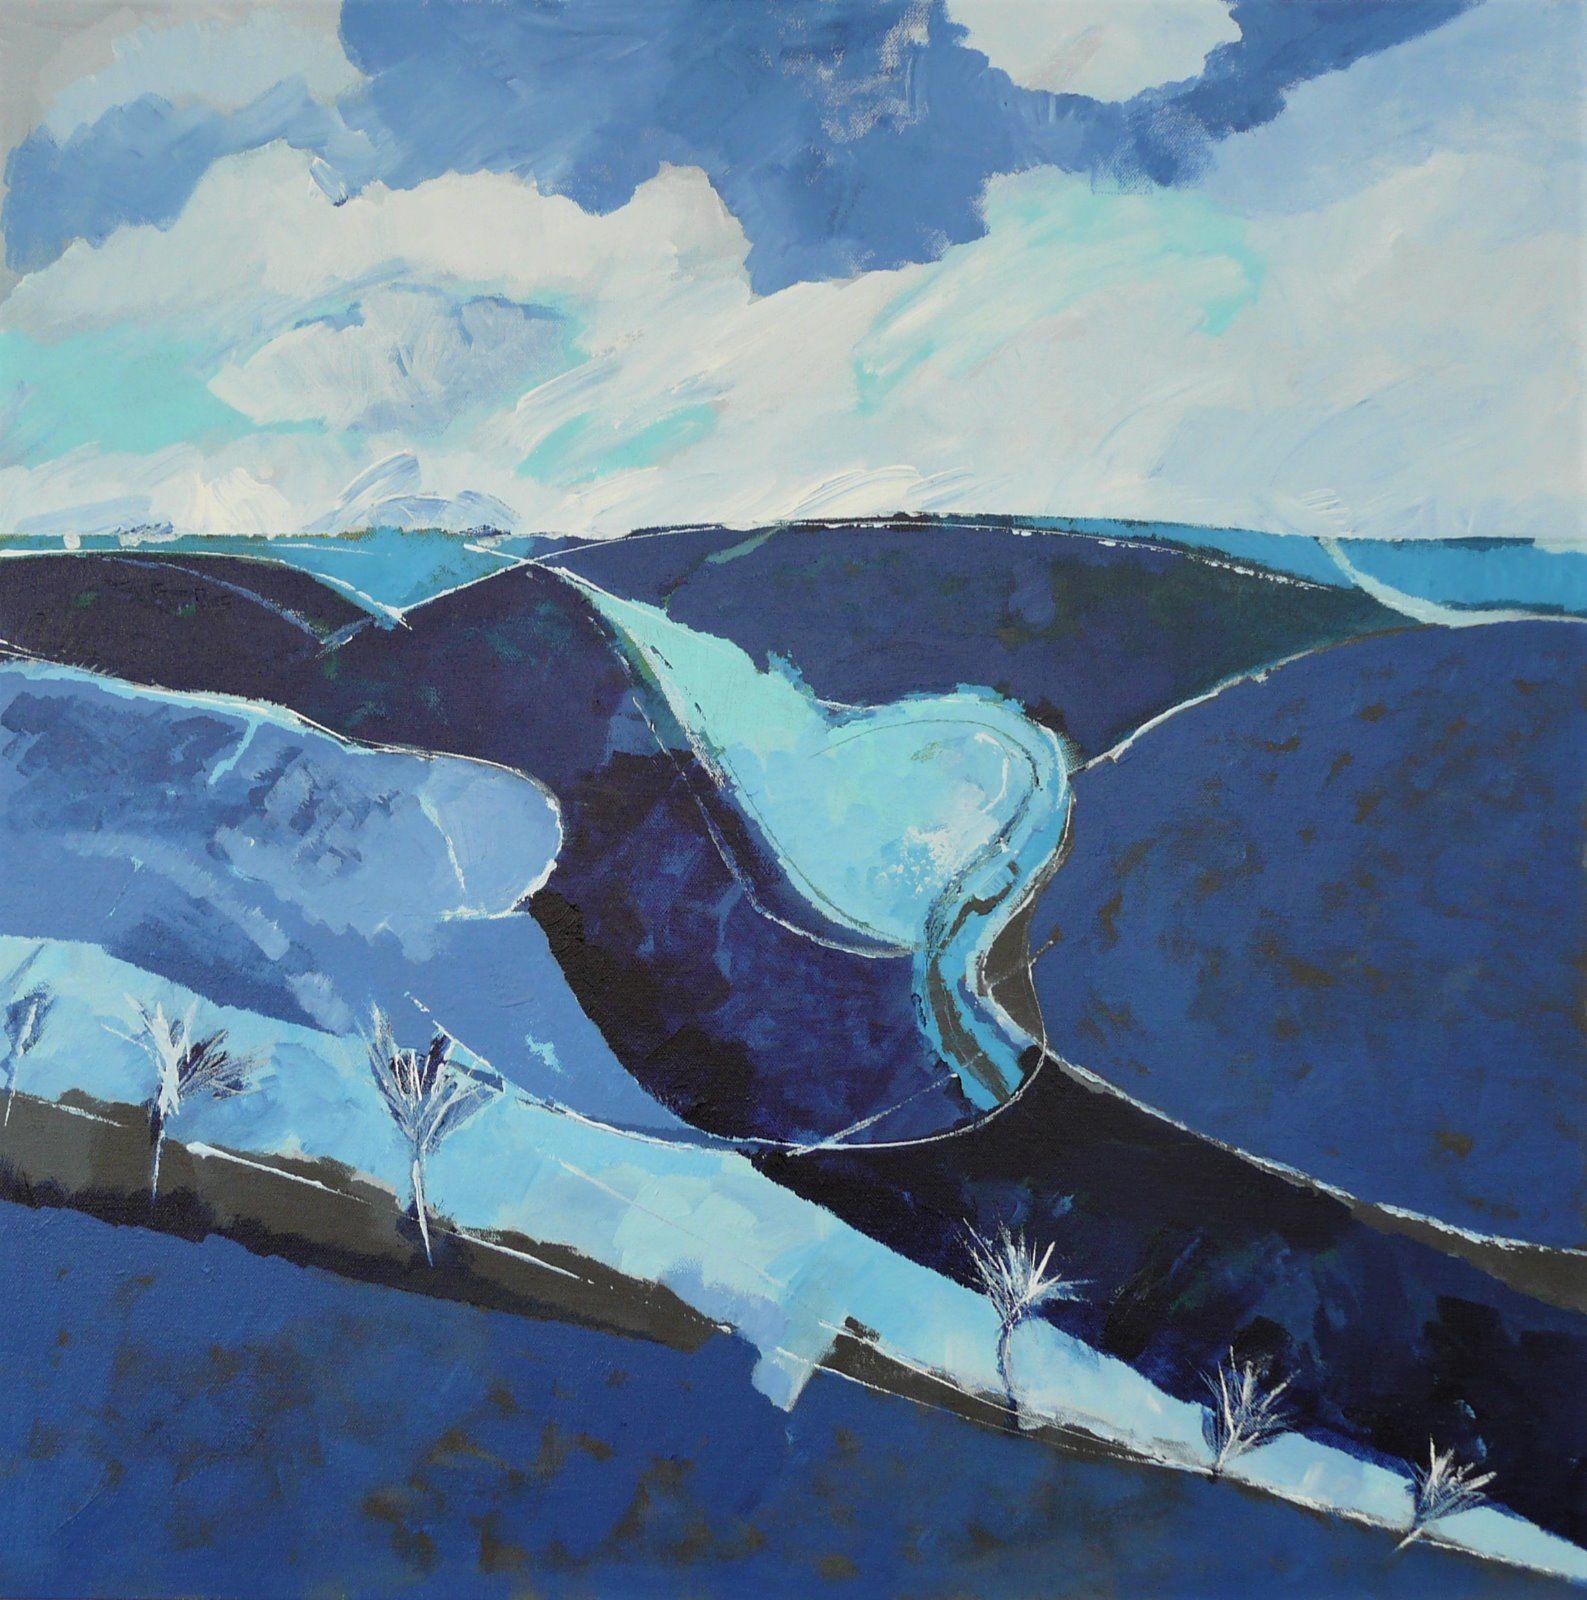 Blue wolds. 70x70cm